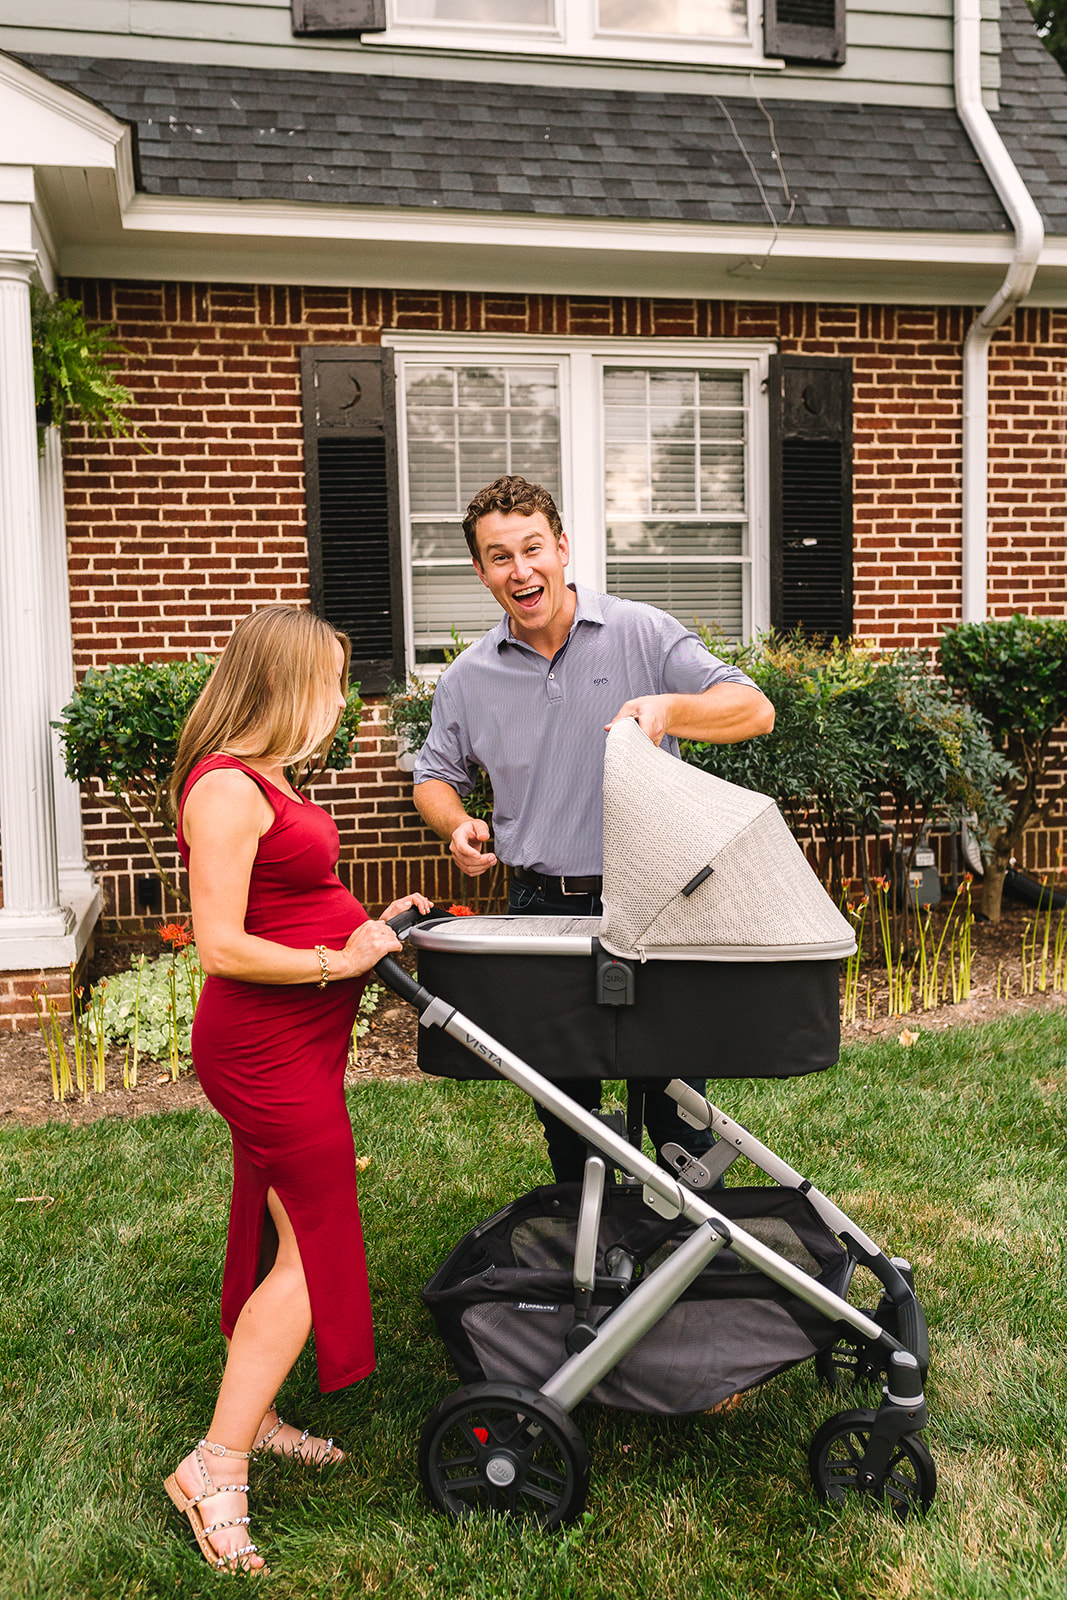 Our Baby Registry Must Haves | UppaBaby Vista V2 Stroller with Bassinet + Jogging Stroller